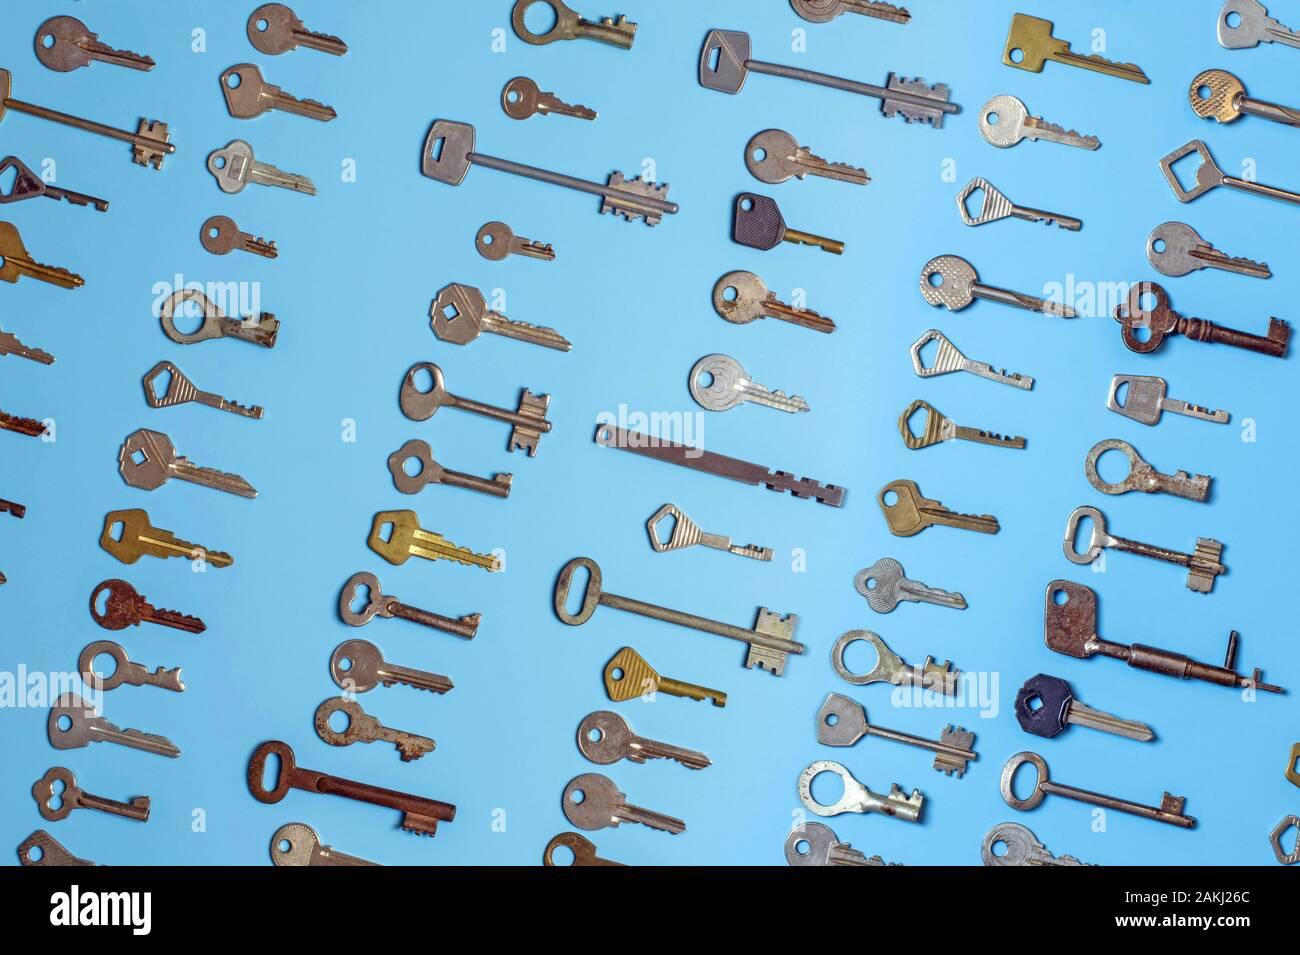 Schlüssel auf blauem Hintergrund. Türschloss Schlüssel und Safes für Eigentum Sicherheit und Schutz. Verschiedene antike und neue Arten von Tasten. Stockfoto